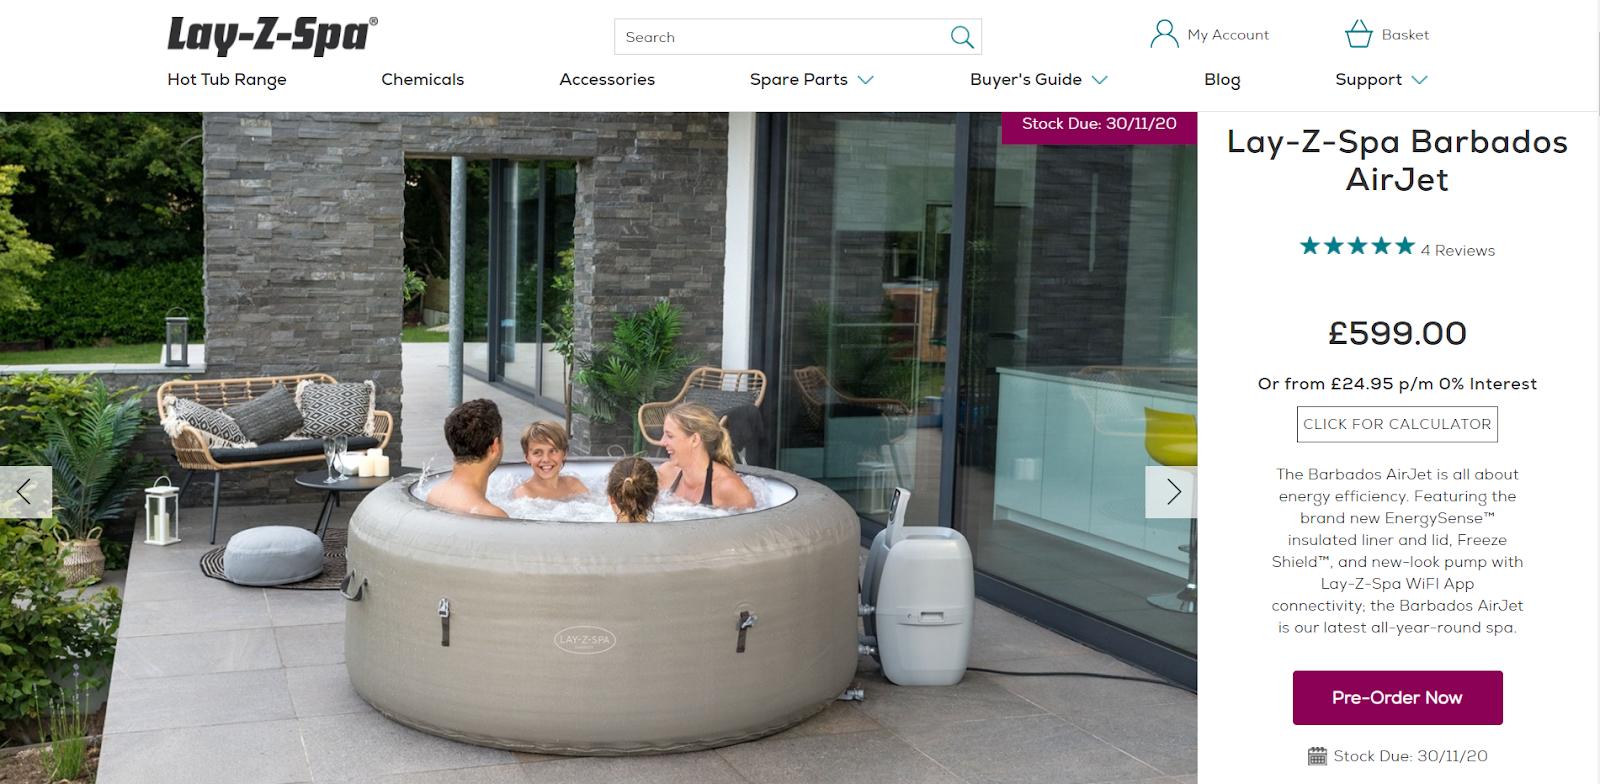 lay-z-spa website